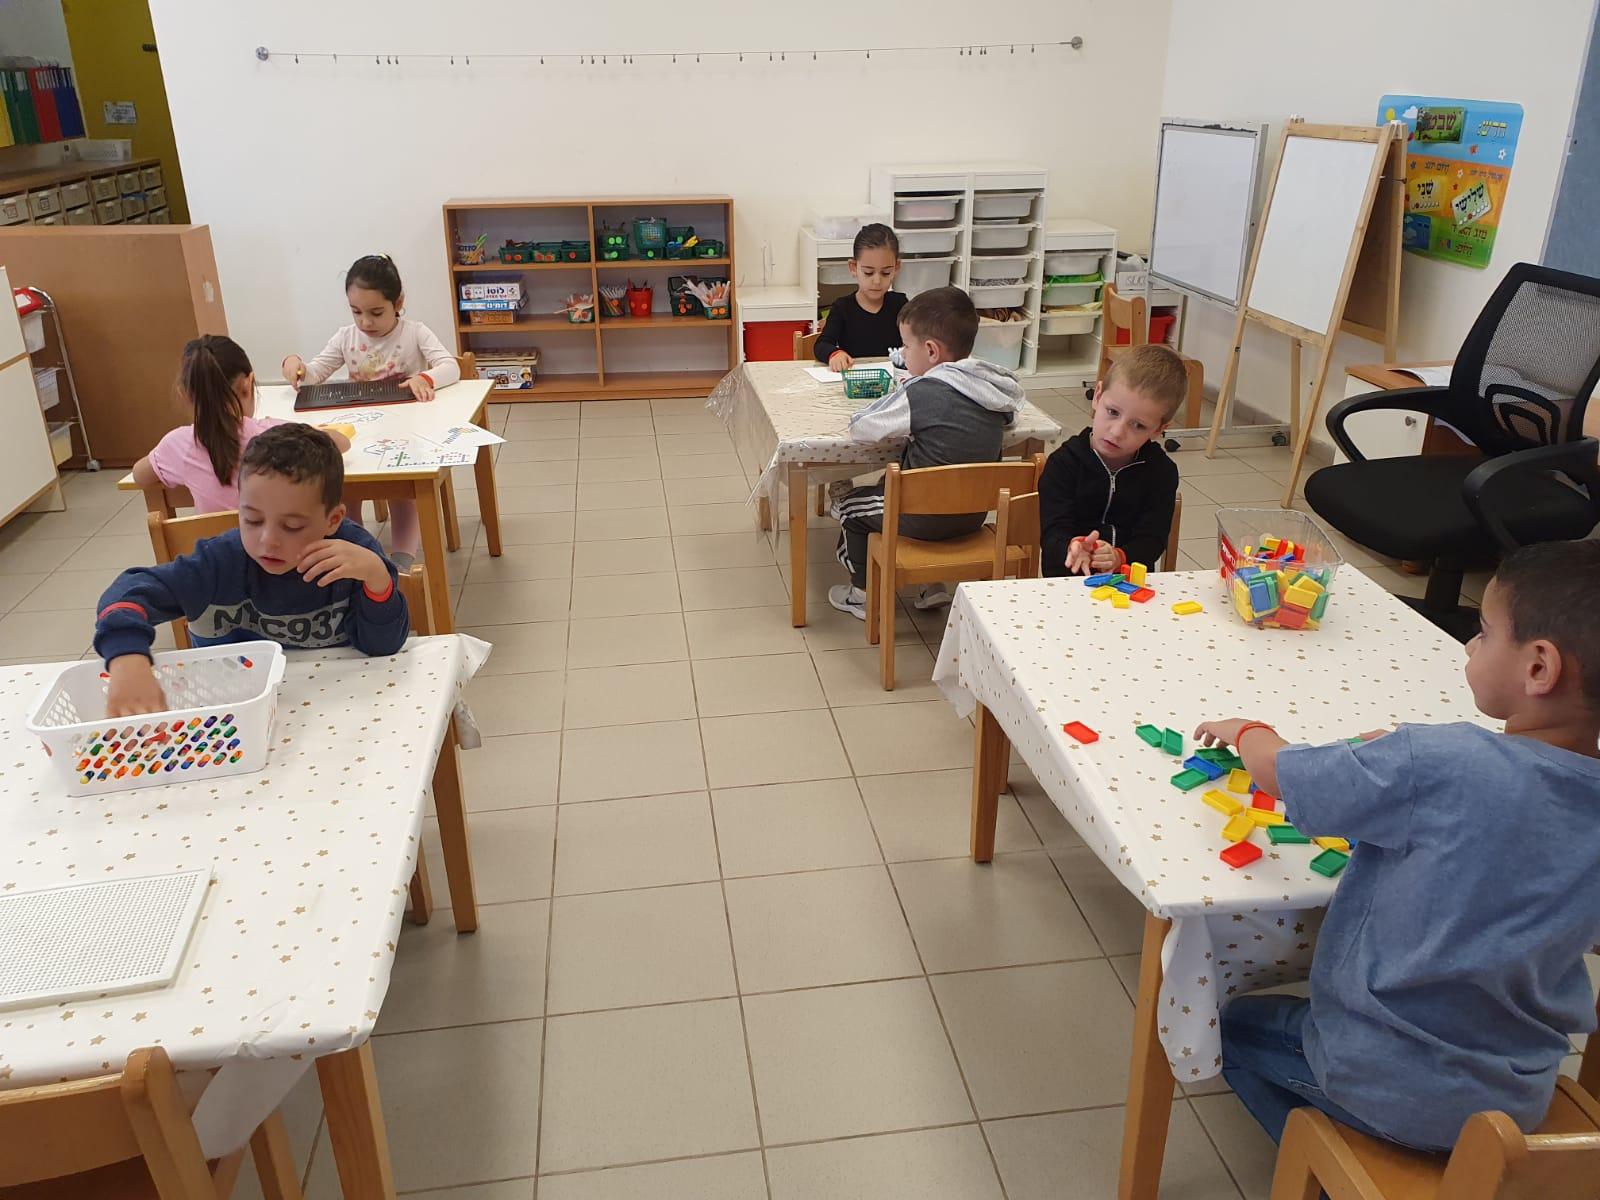 פעילות בגני ילדים עירוניים בחולון בתקופת הקורונה צילום-עיריית חולון (2)